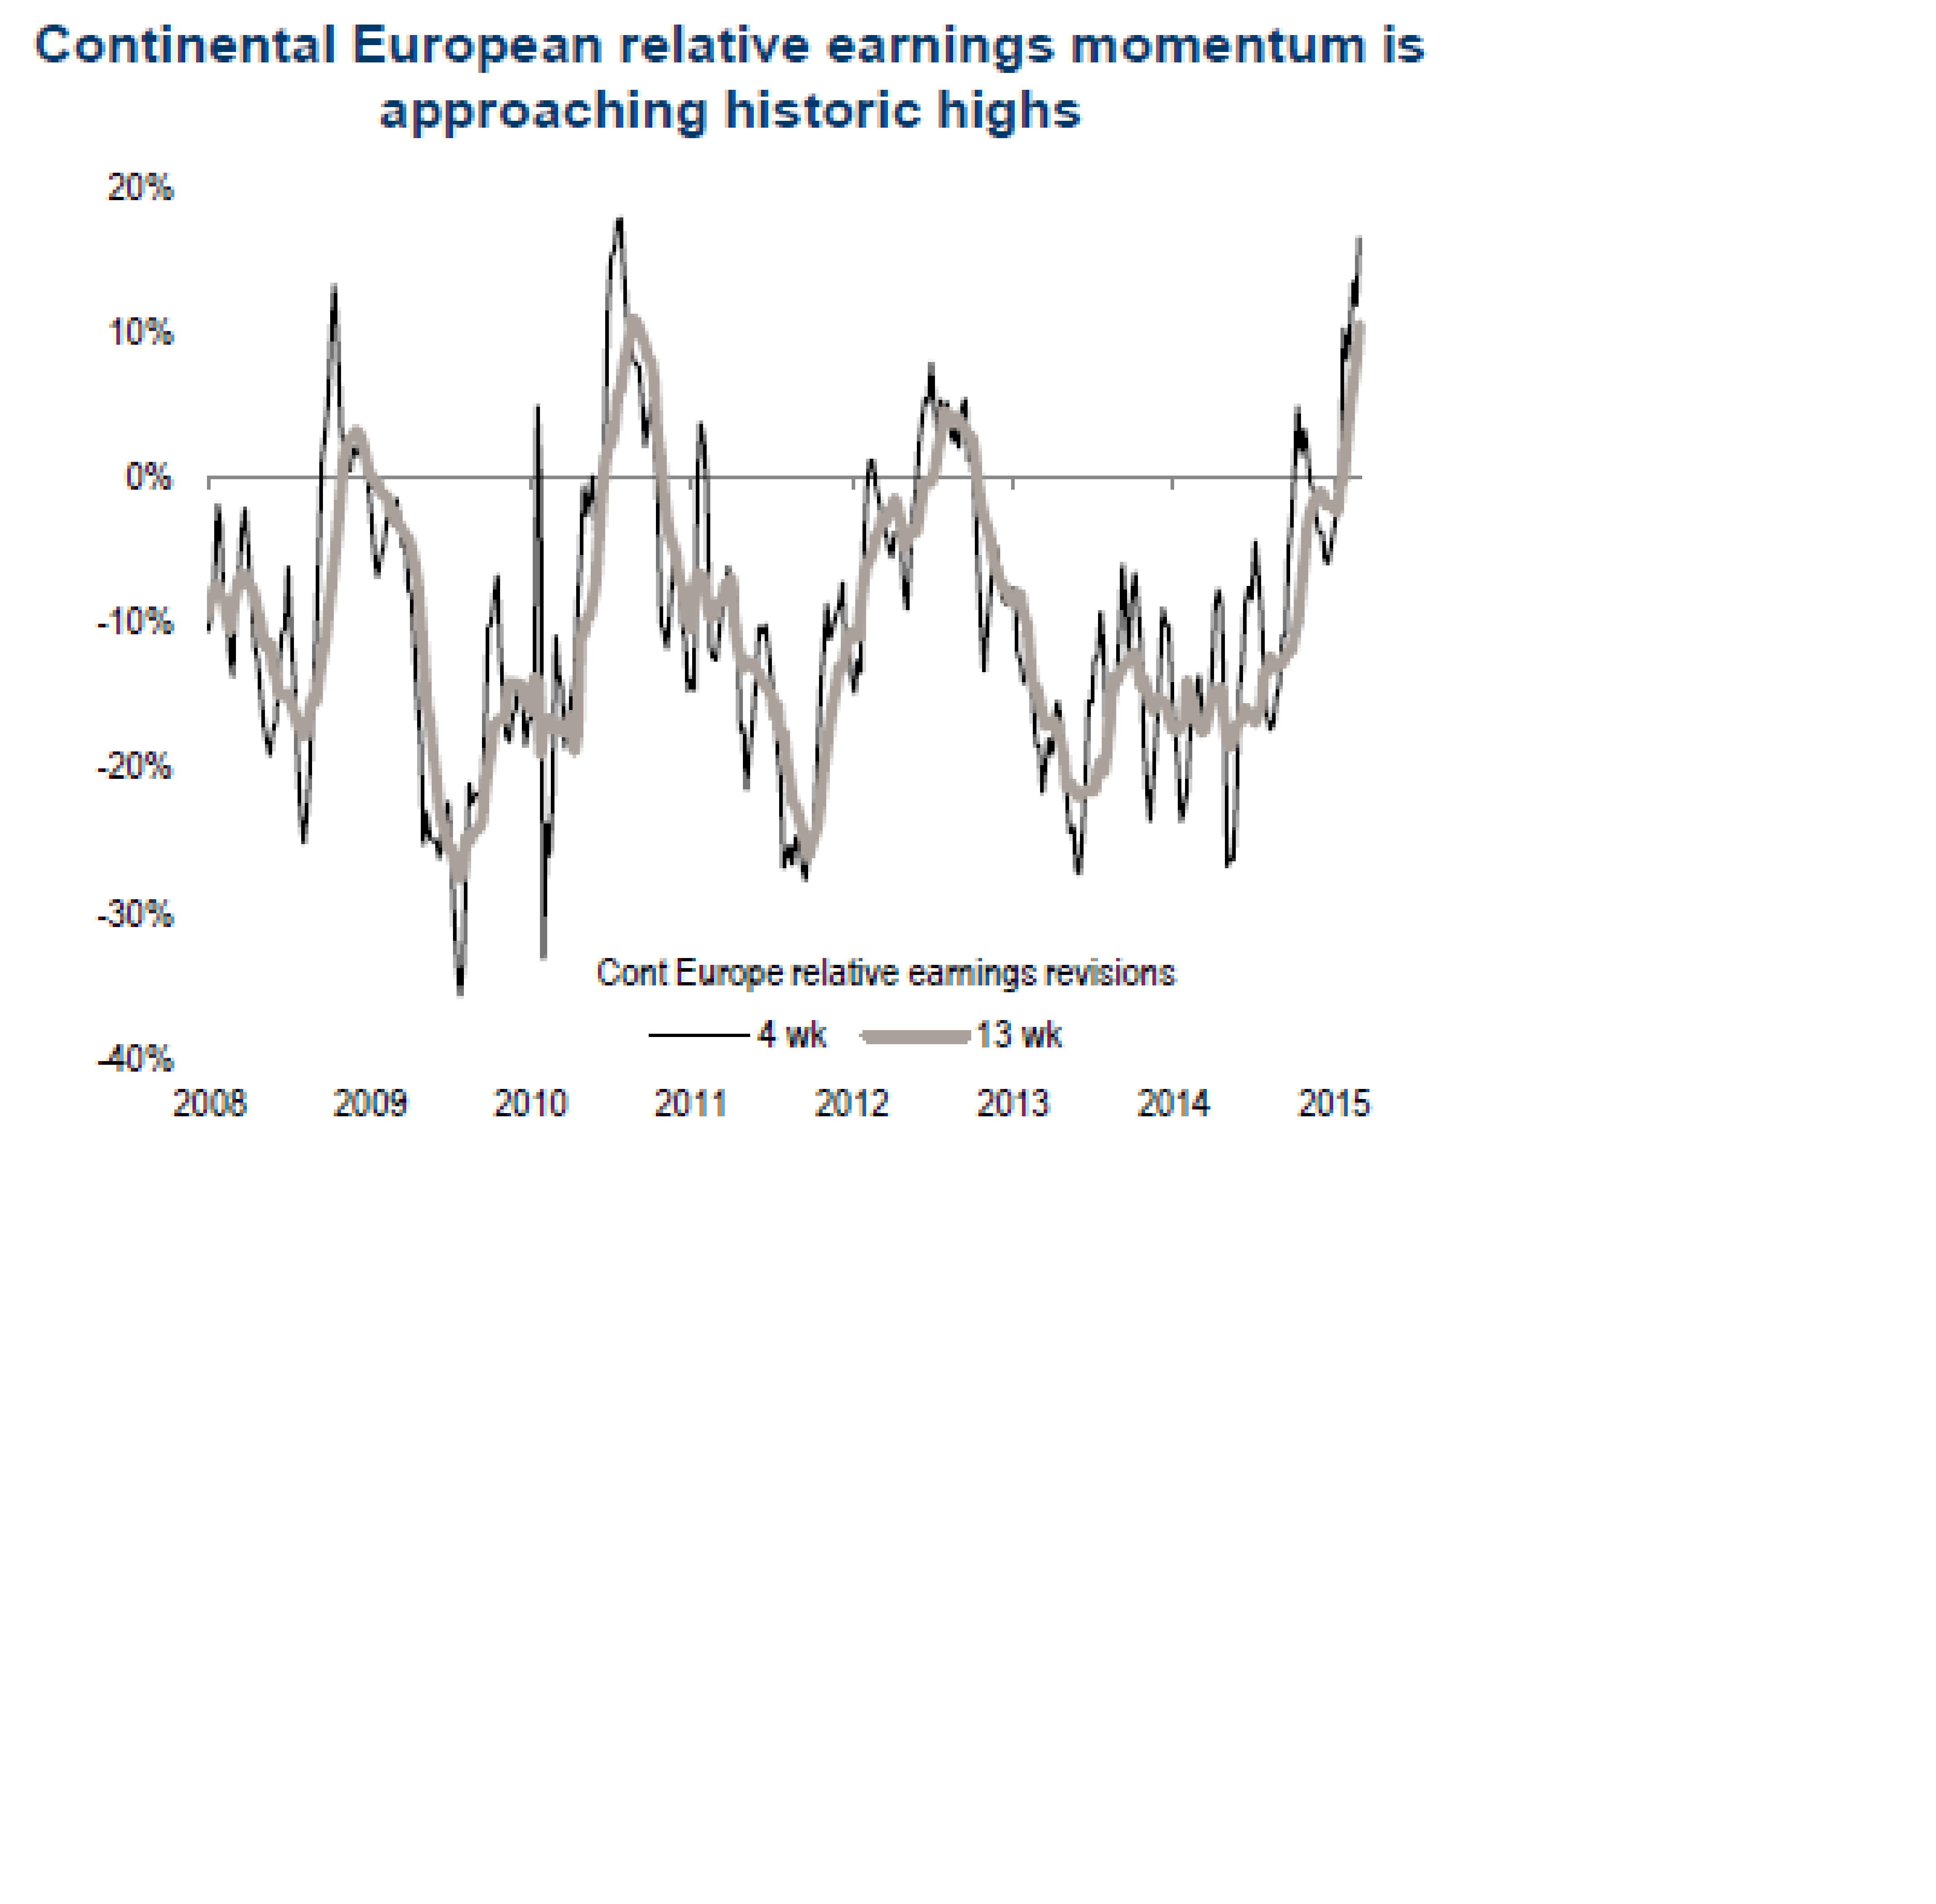 Europeiska konjunktur cykel dating kommittén nivå brytare krok upp